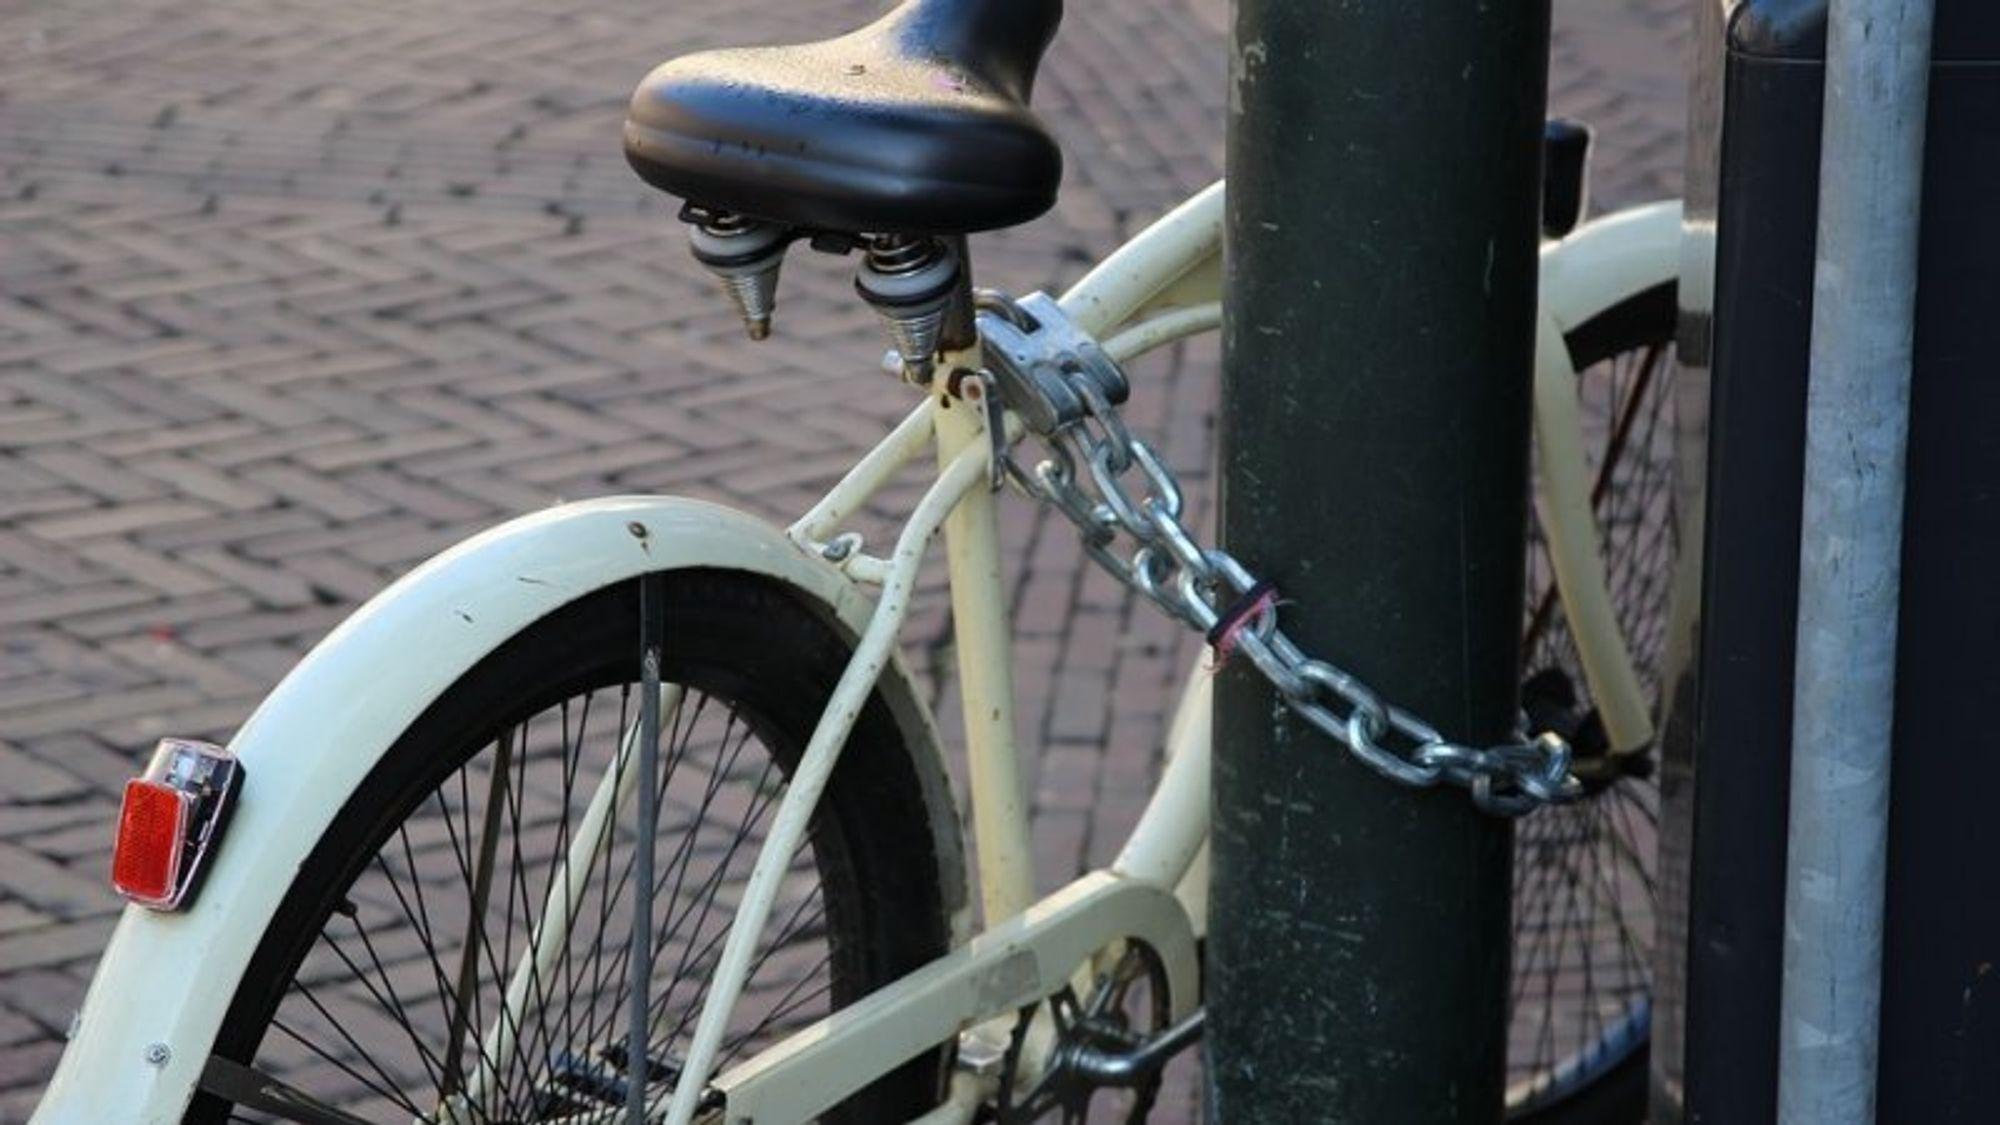 RFID-chips skulle avverge sykkeltyveri, men forslagene er nå trukket tilbake på grunn av personvernhensyn.